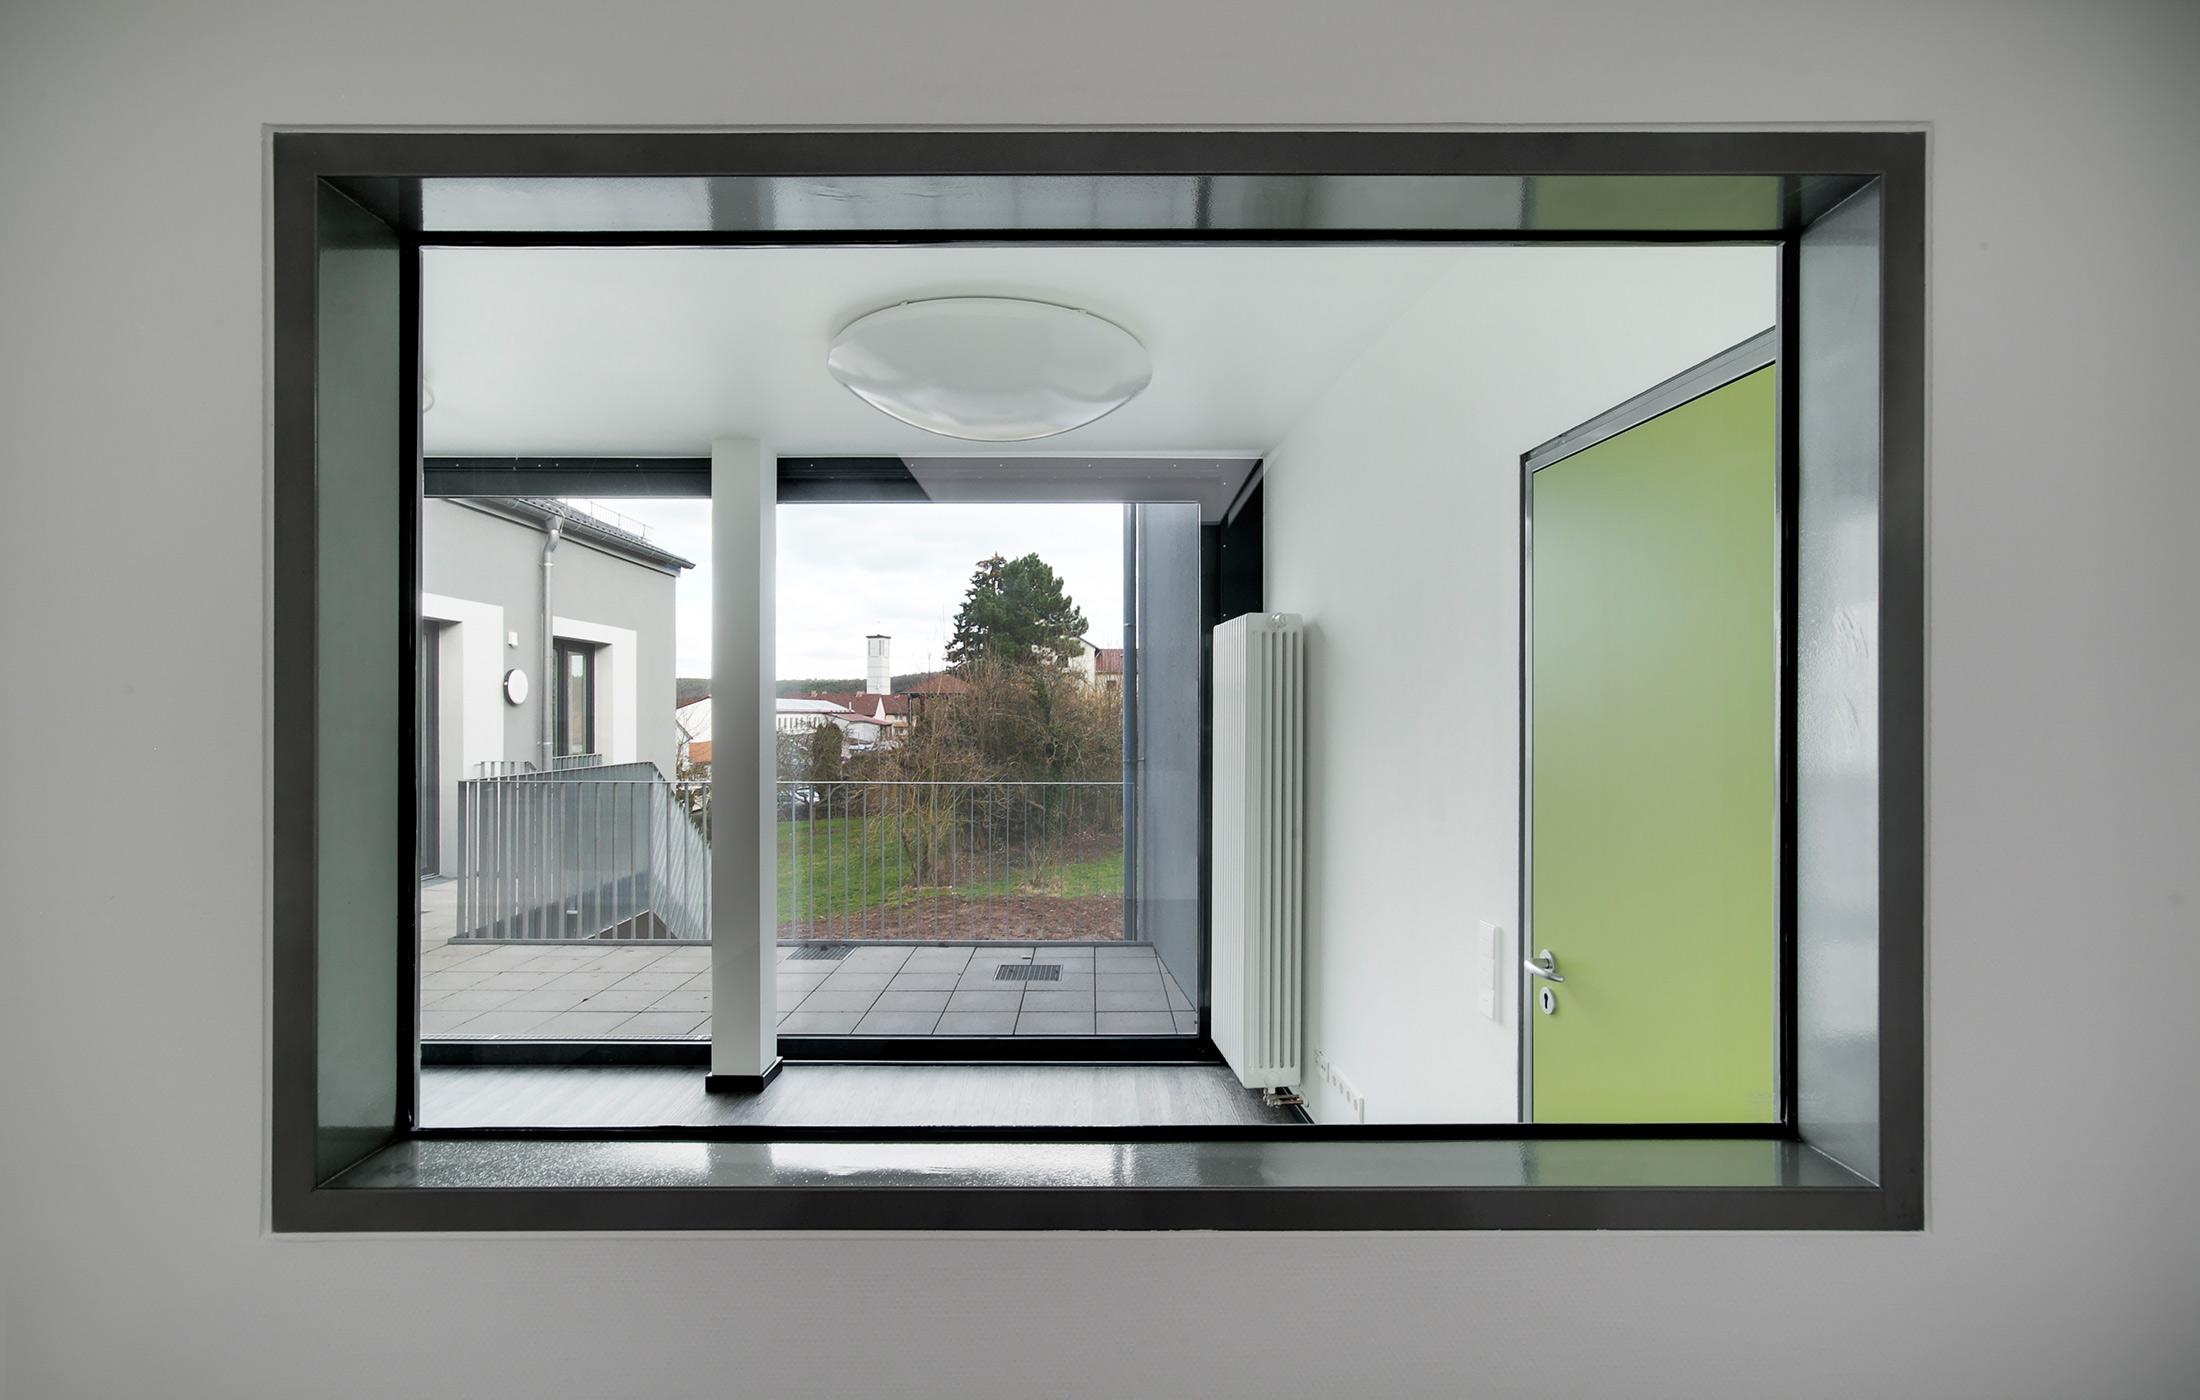 2013, Neubau Wohnheim für die Johannes Diakonie Mosbach e.V., Wertheim